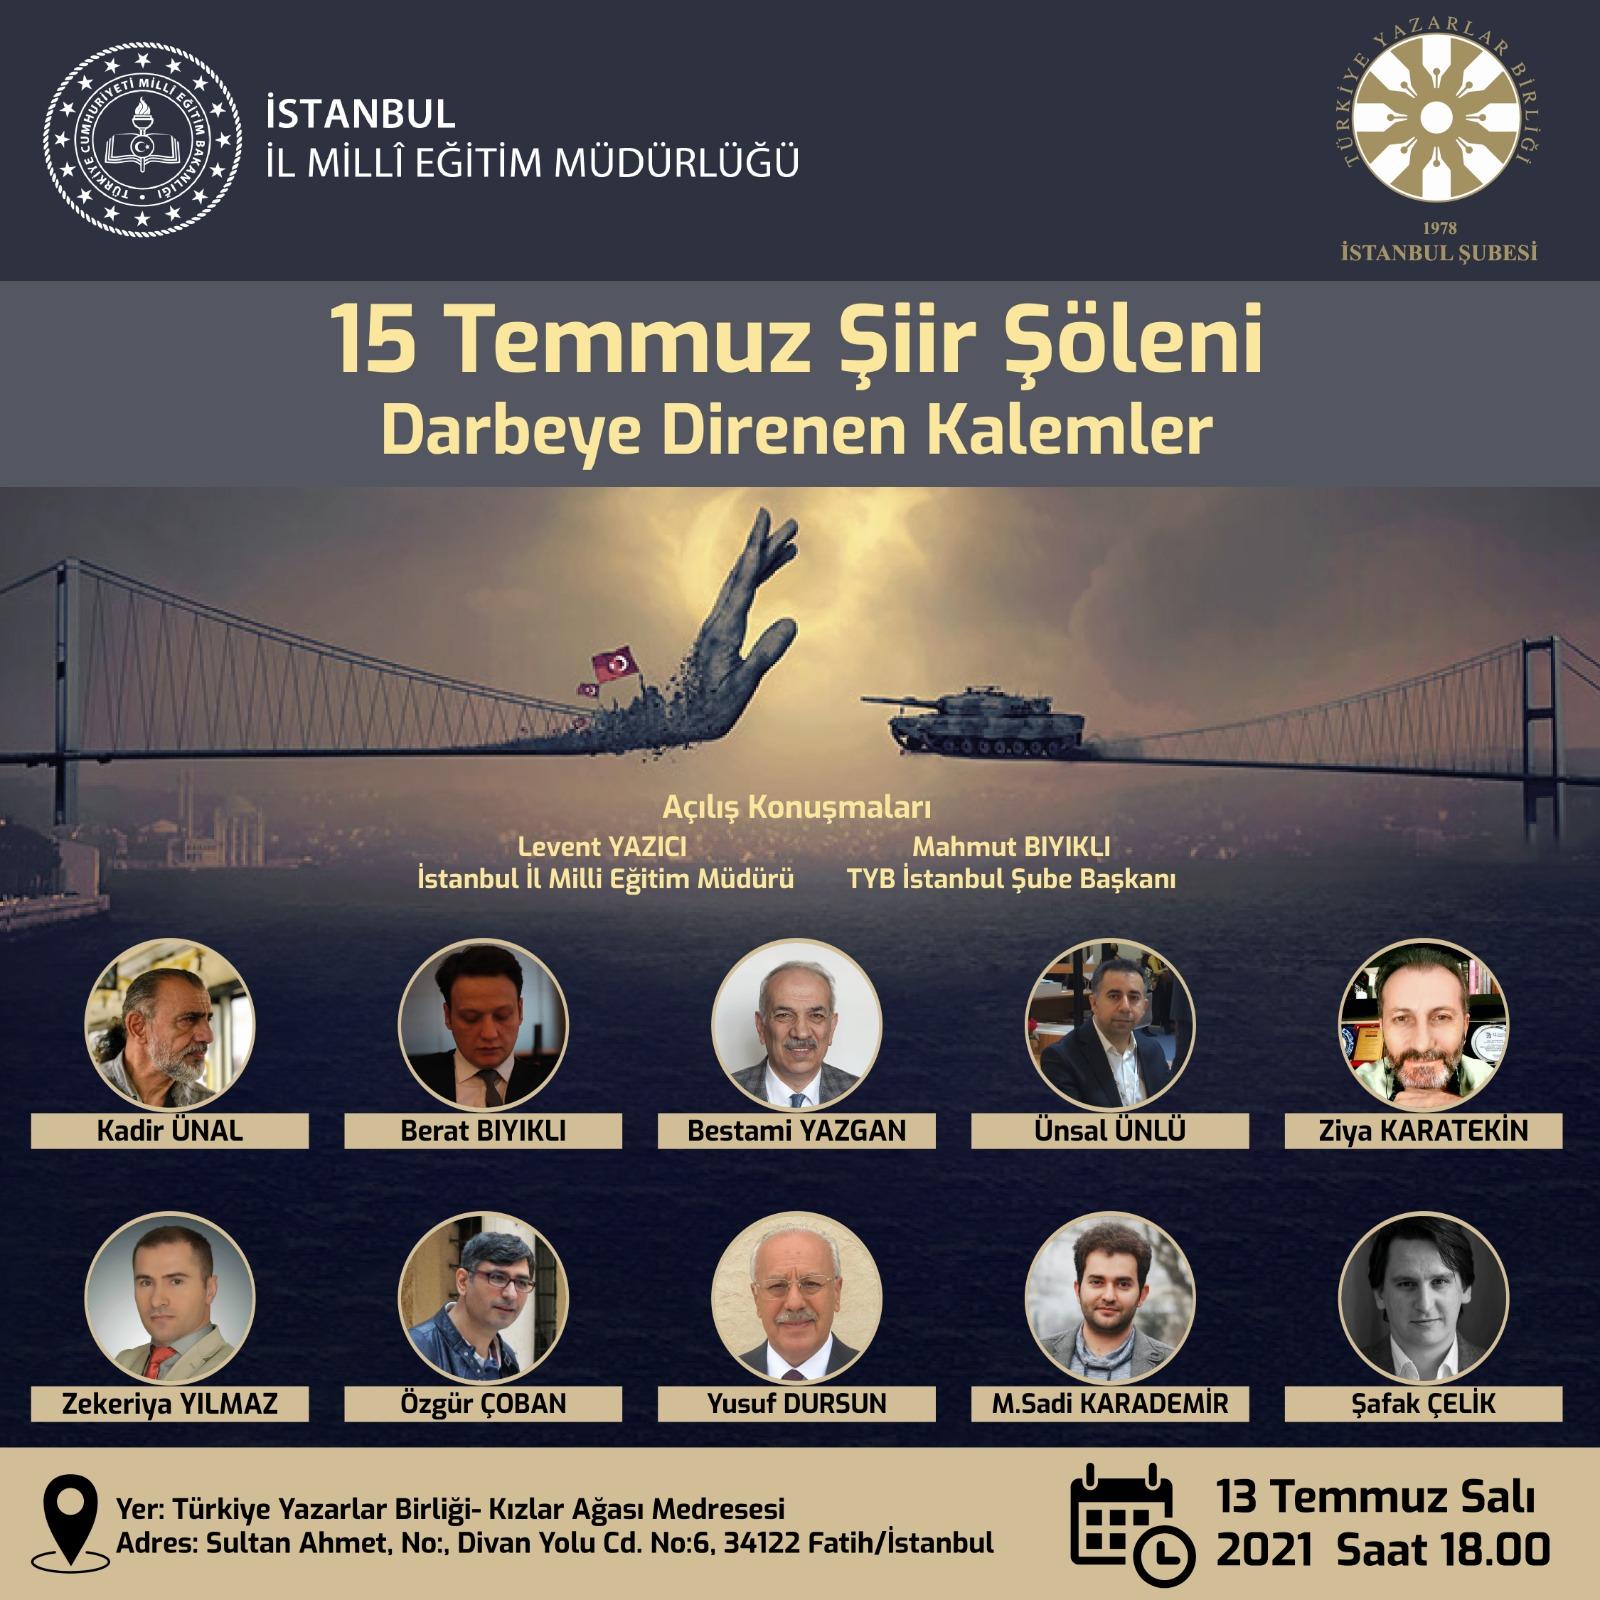 """İstanbul'da """"15 Temmuz Şiir Şöleni"""" gerçekleştirilecek"""